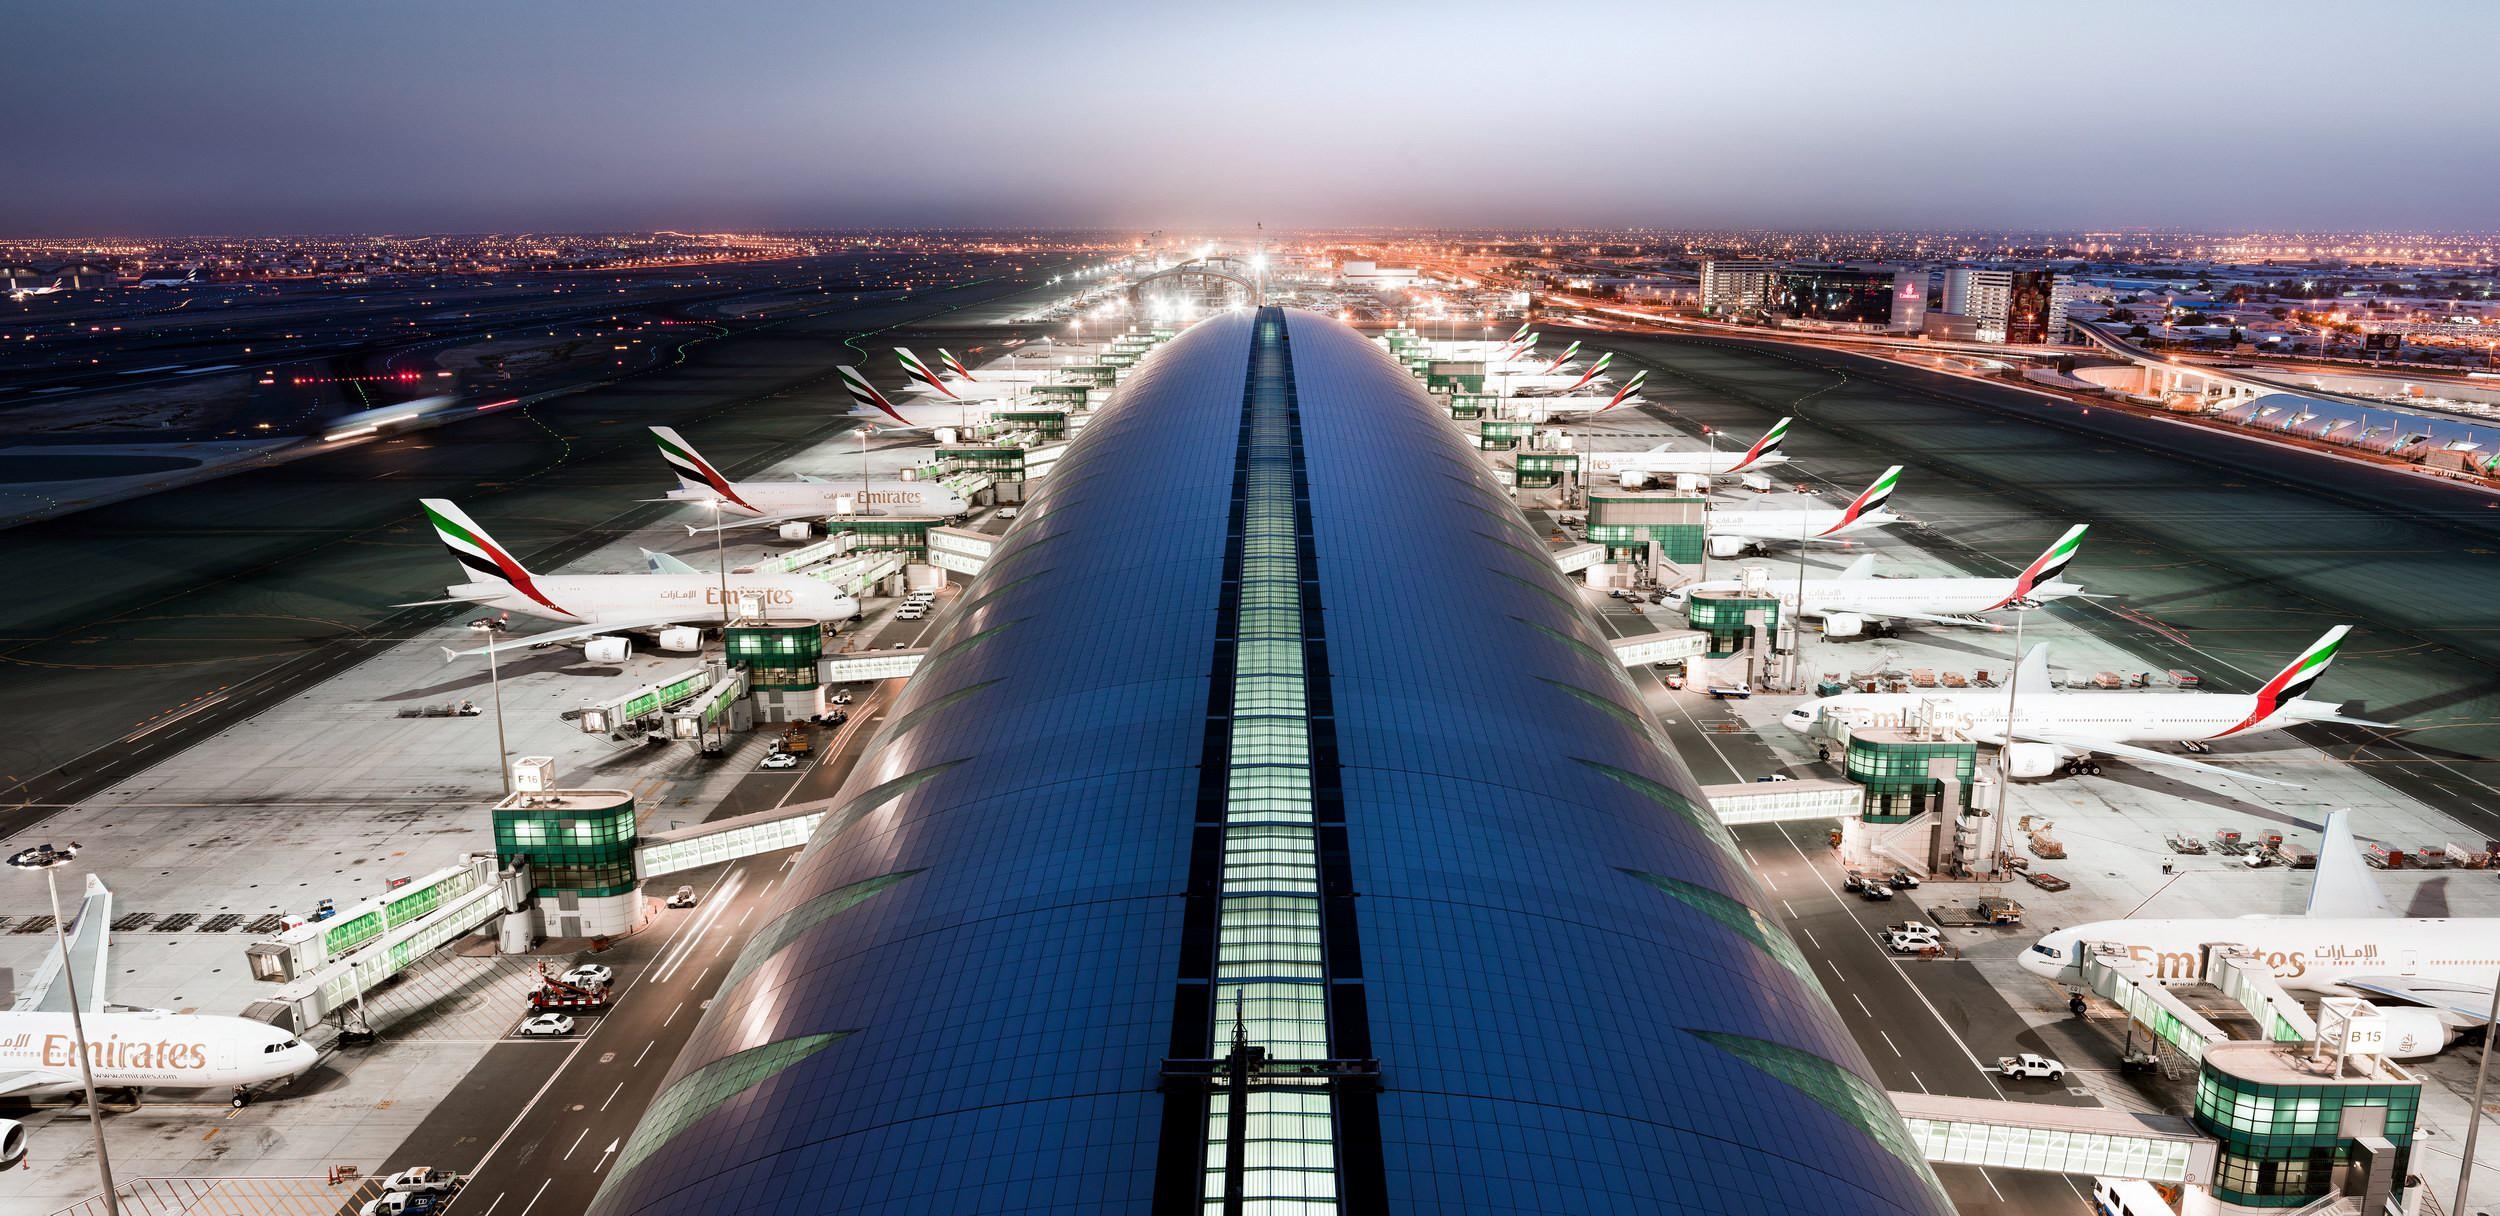 مطار دبي الدولي: ارتفاع حركة المسافرين بنسبة 8% خلال شهر نوفمبر الماضي